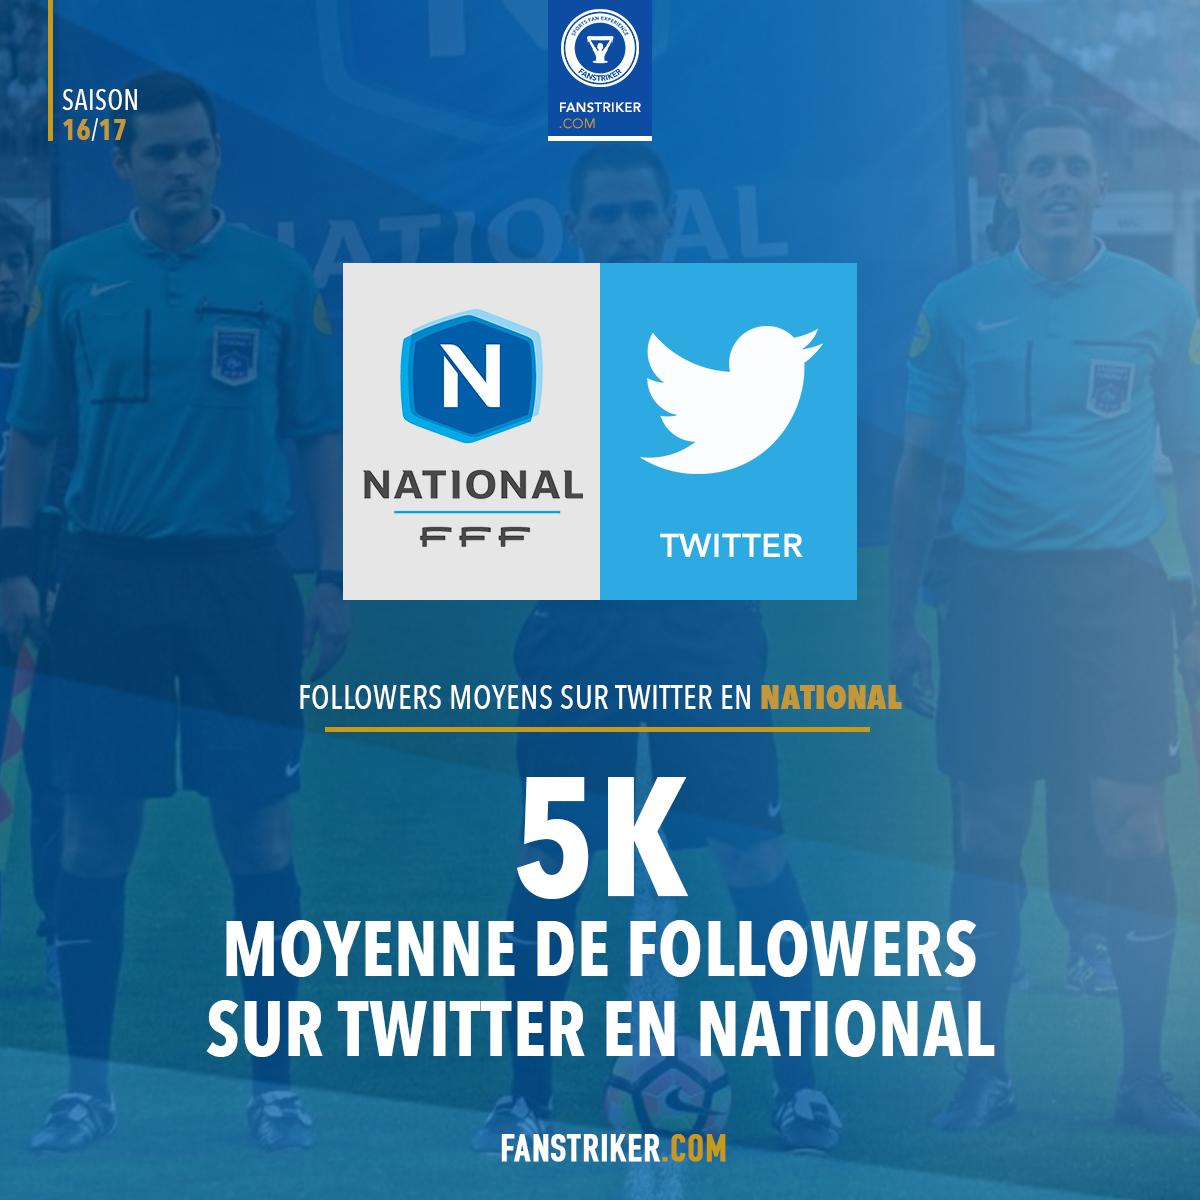 Le nombre moyen de Followers en National 1 sur Twitter